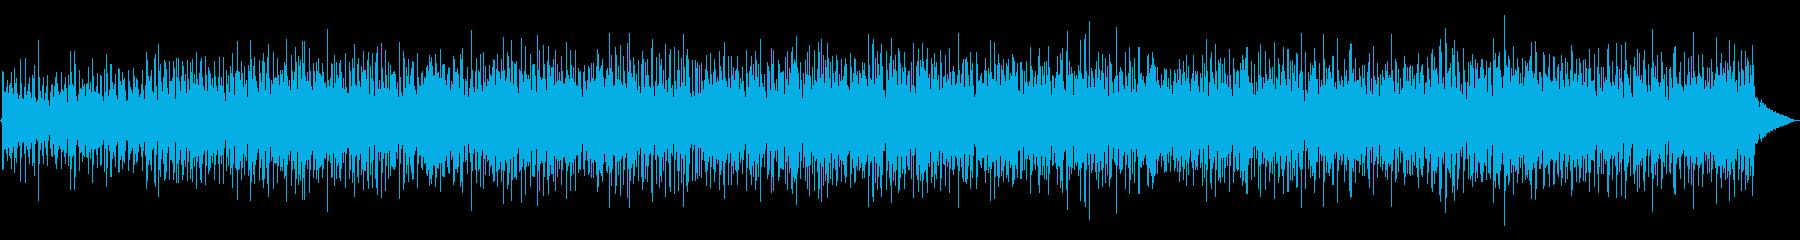 こころ踊るマンドリンカントリーBGMの再生済みの波形